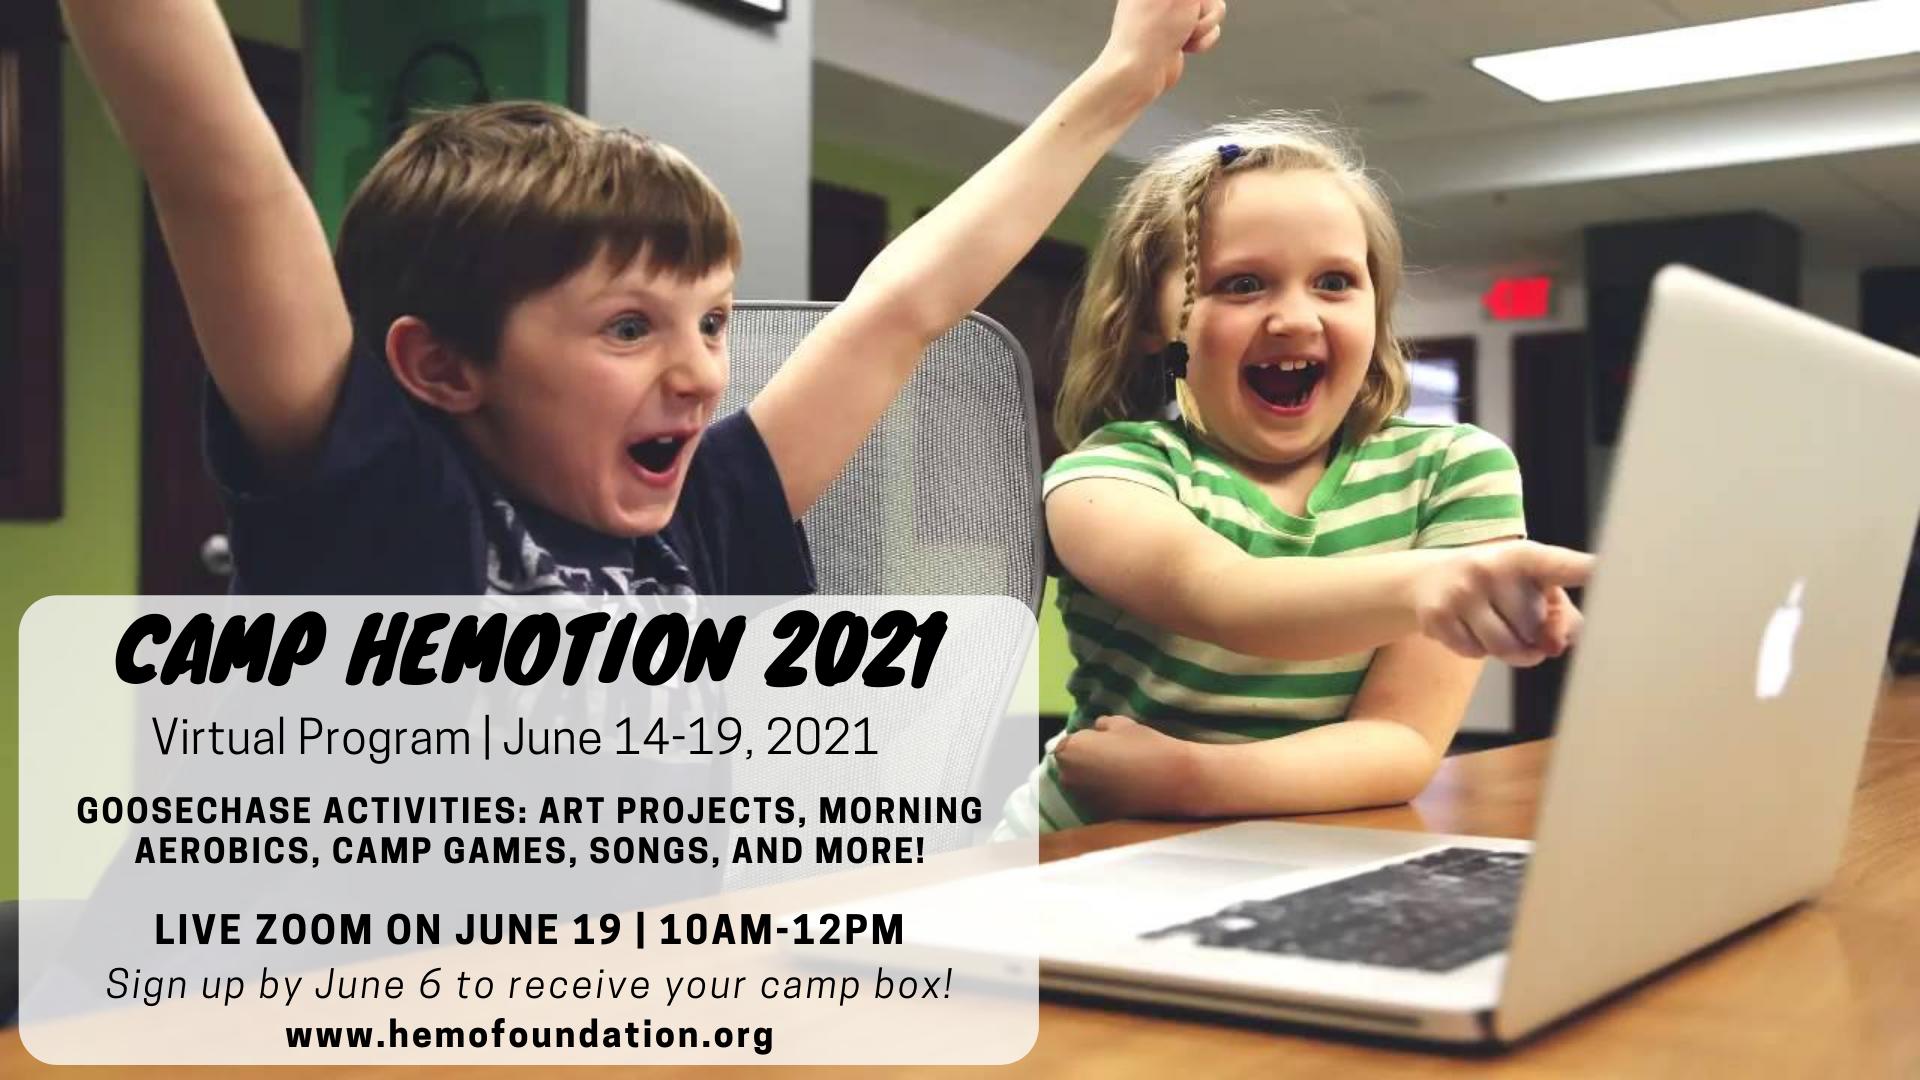 Virtual Camp Hemotion 2021